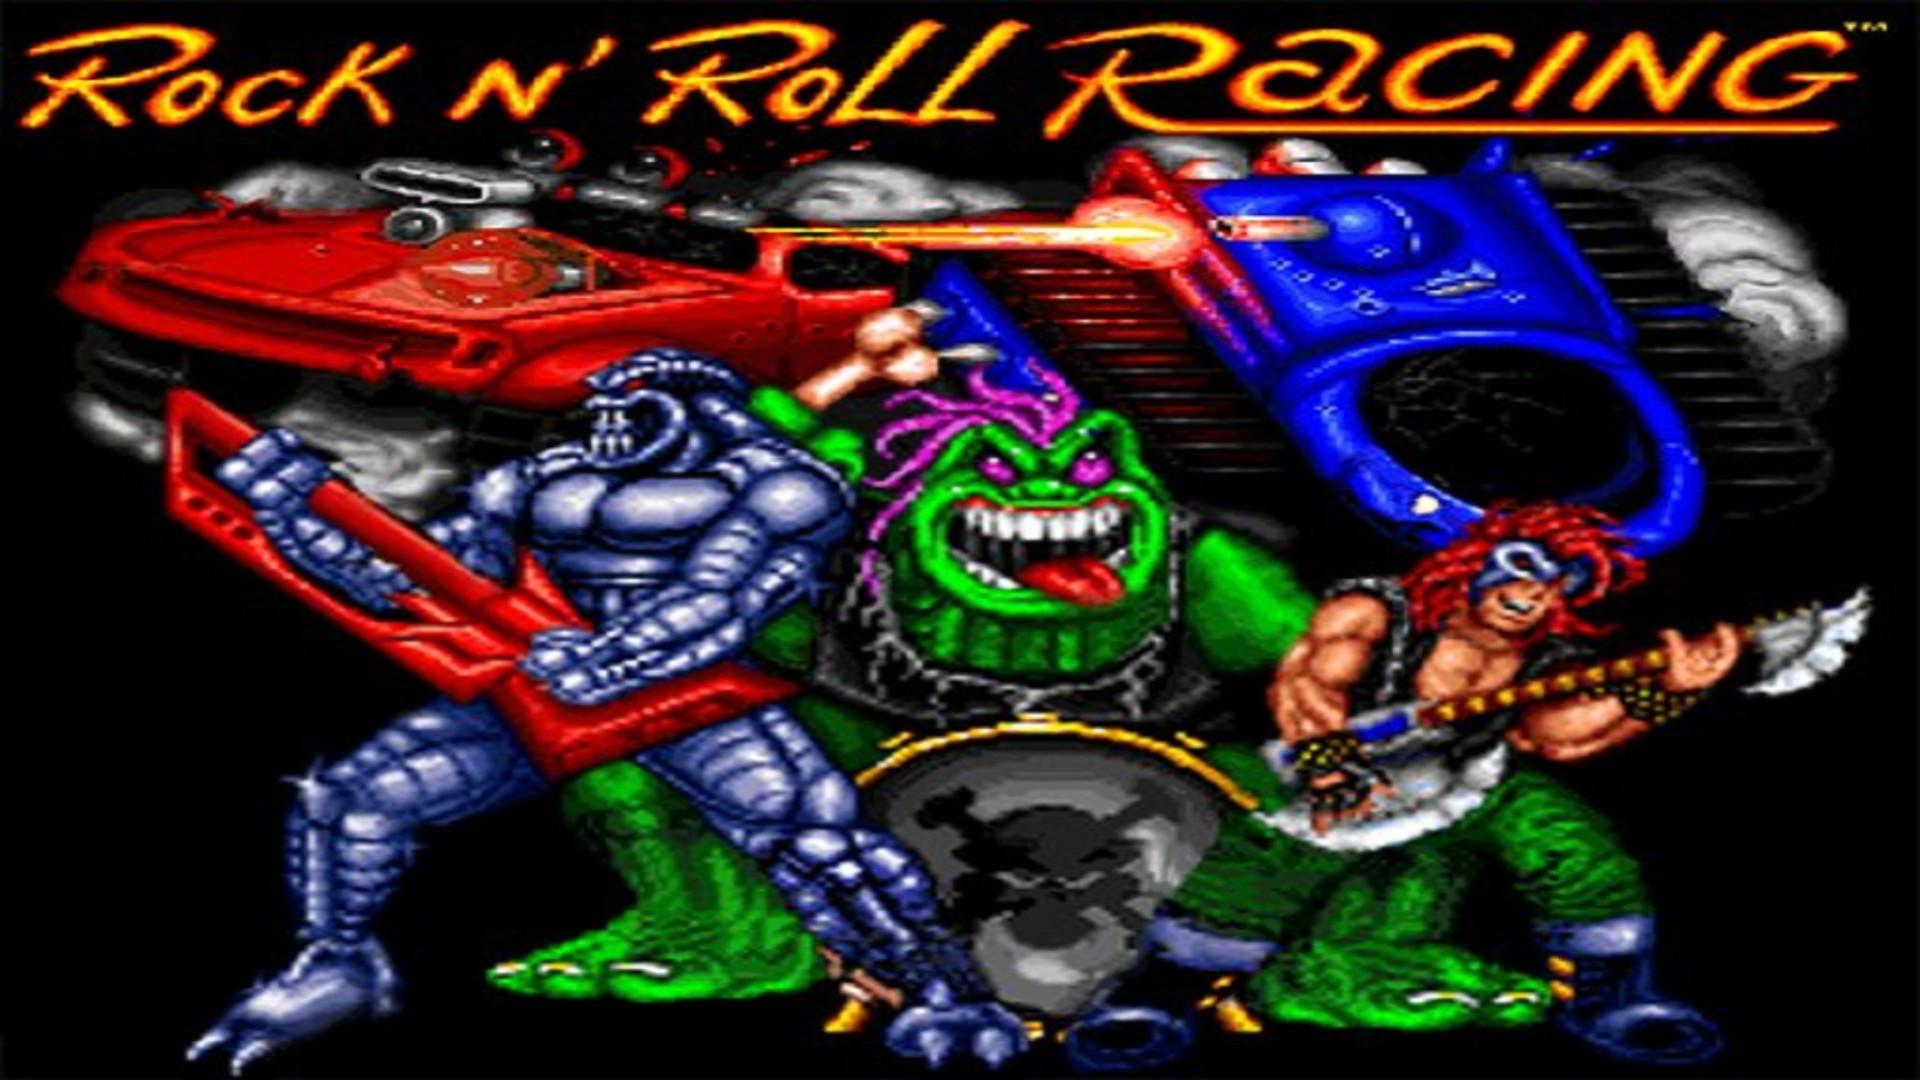 rock n' roll racing video game music